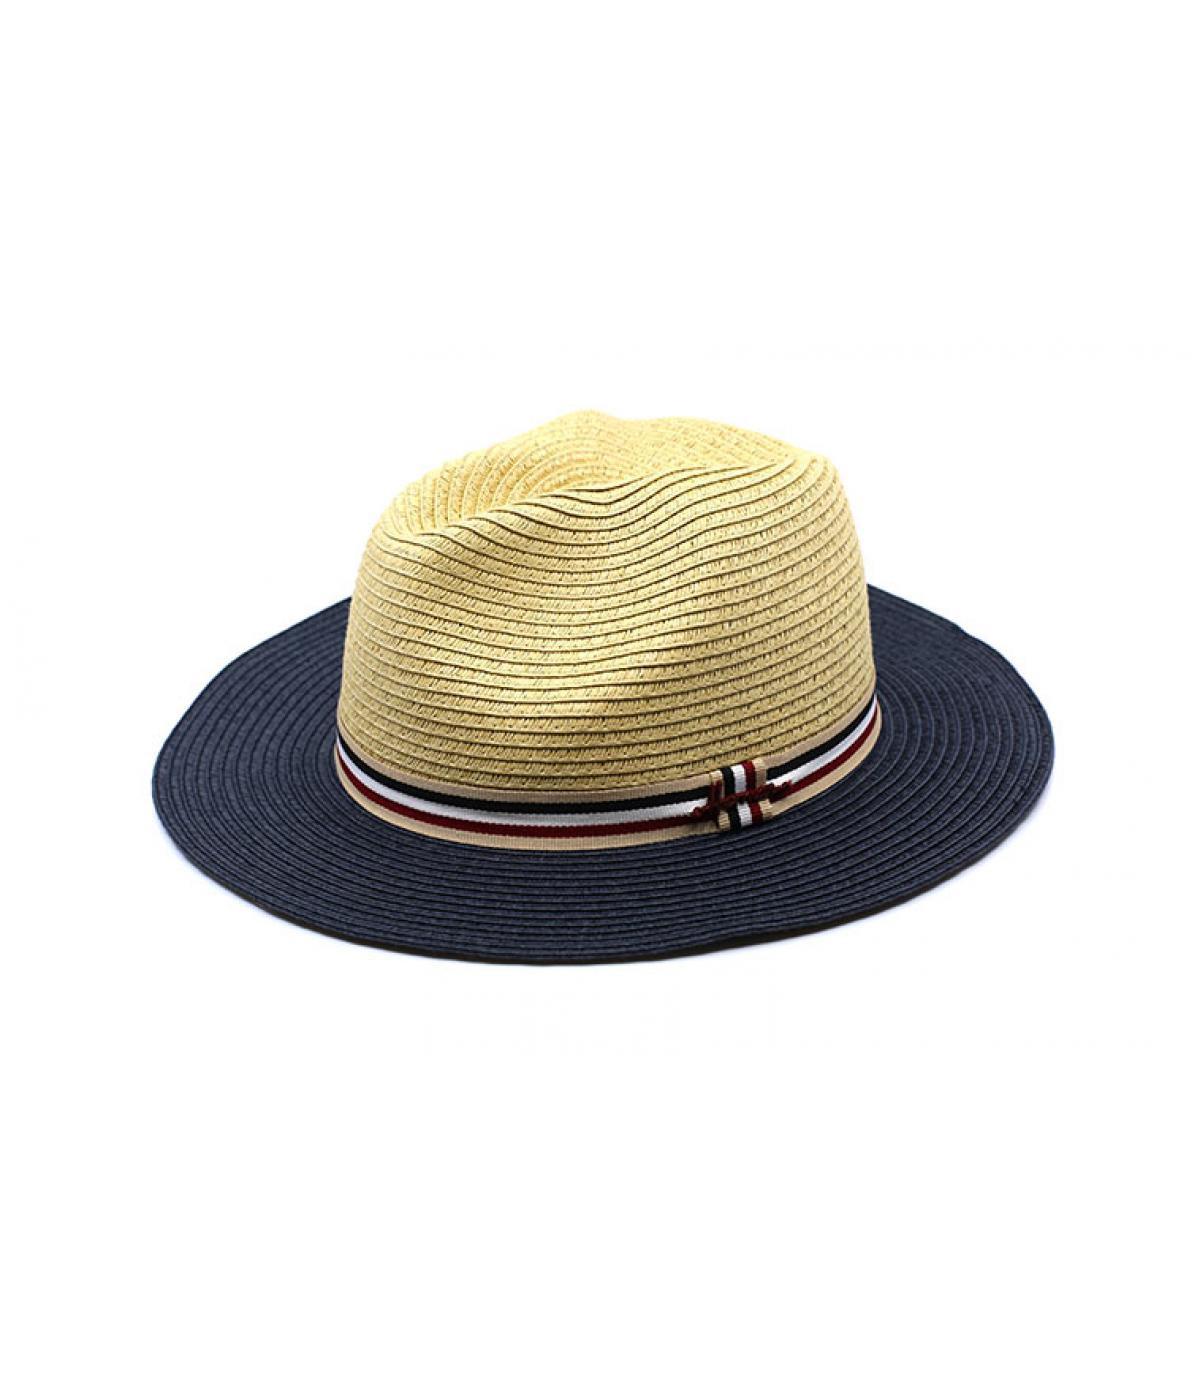 Chapeau beige bleu paille